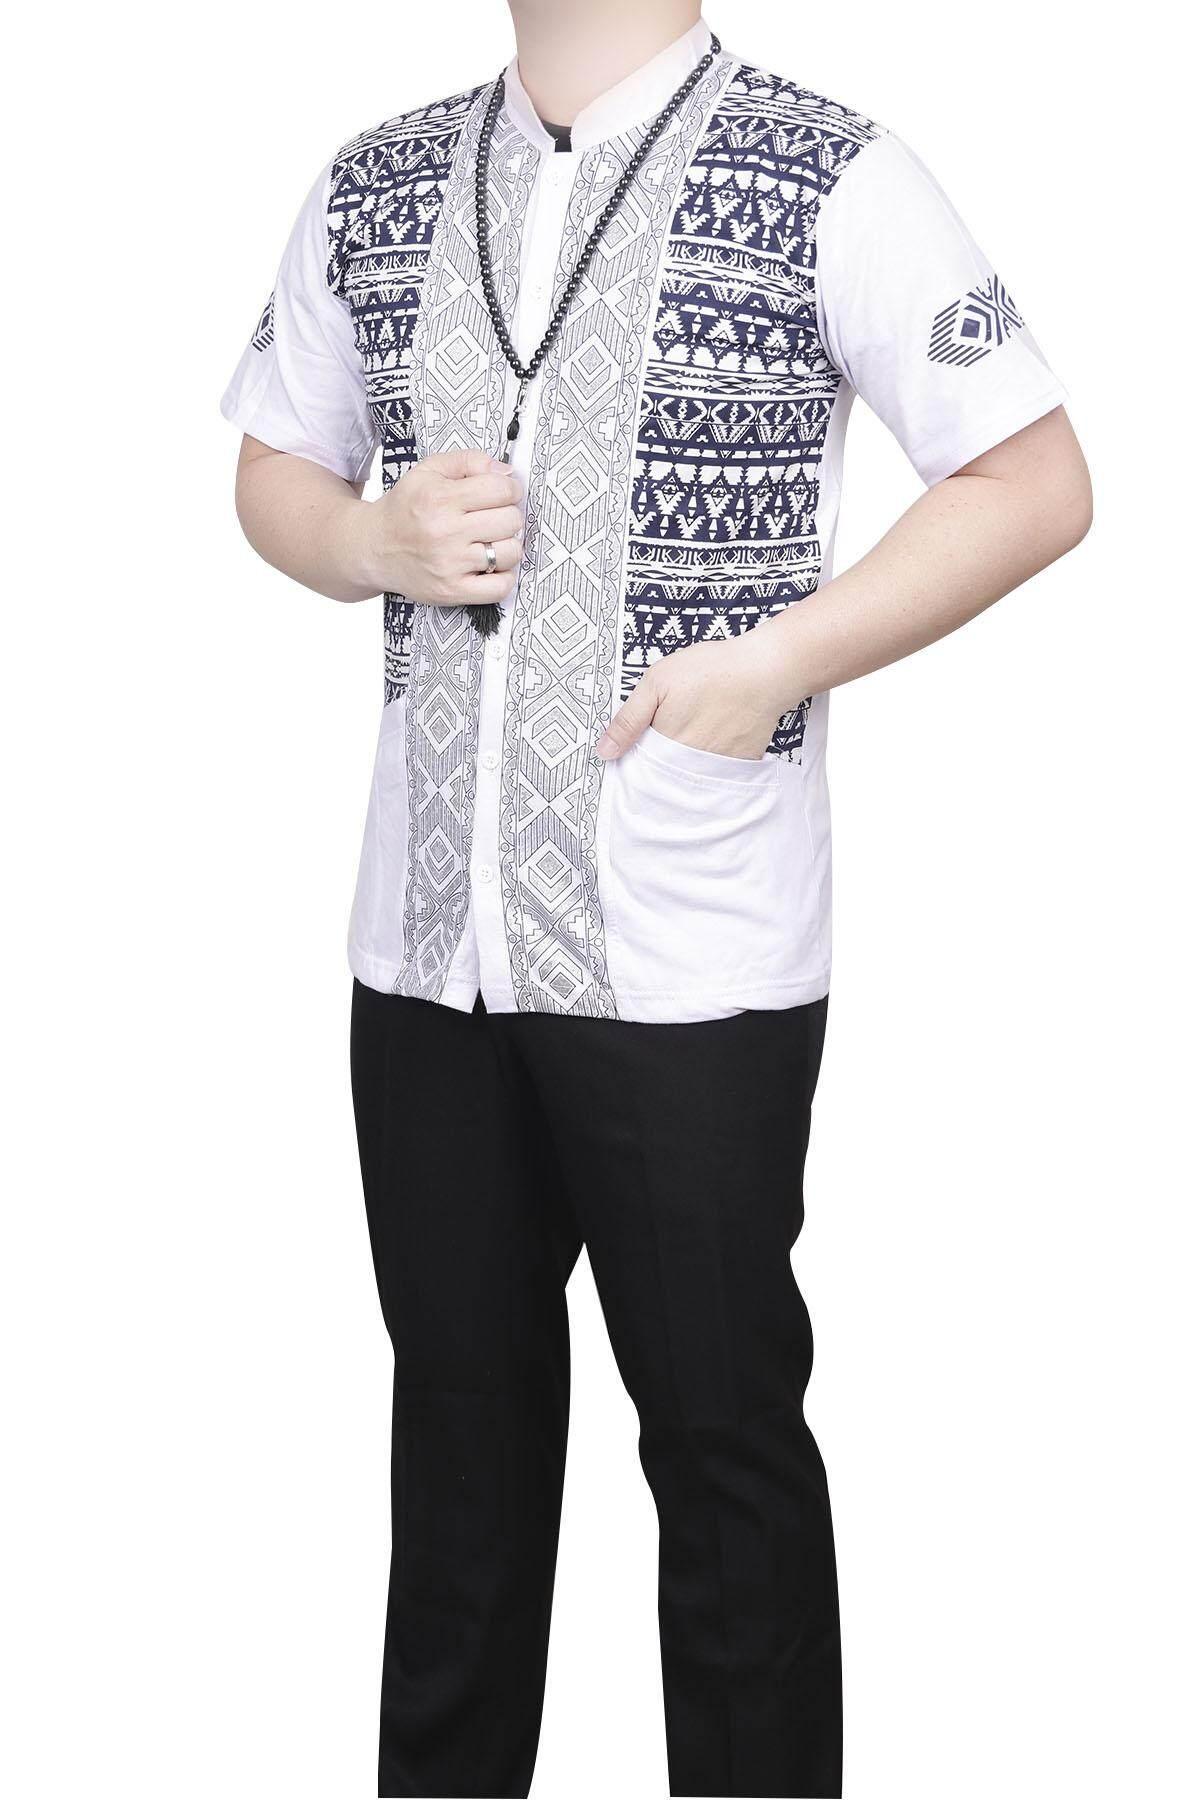 Fitur Jas Koko Couple Jasko Putih Kombinasi Bordir Pedang Baju Anak Ayah Batik Detail Gambar Quincy Musim 2018 Terbaru